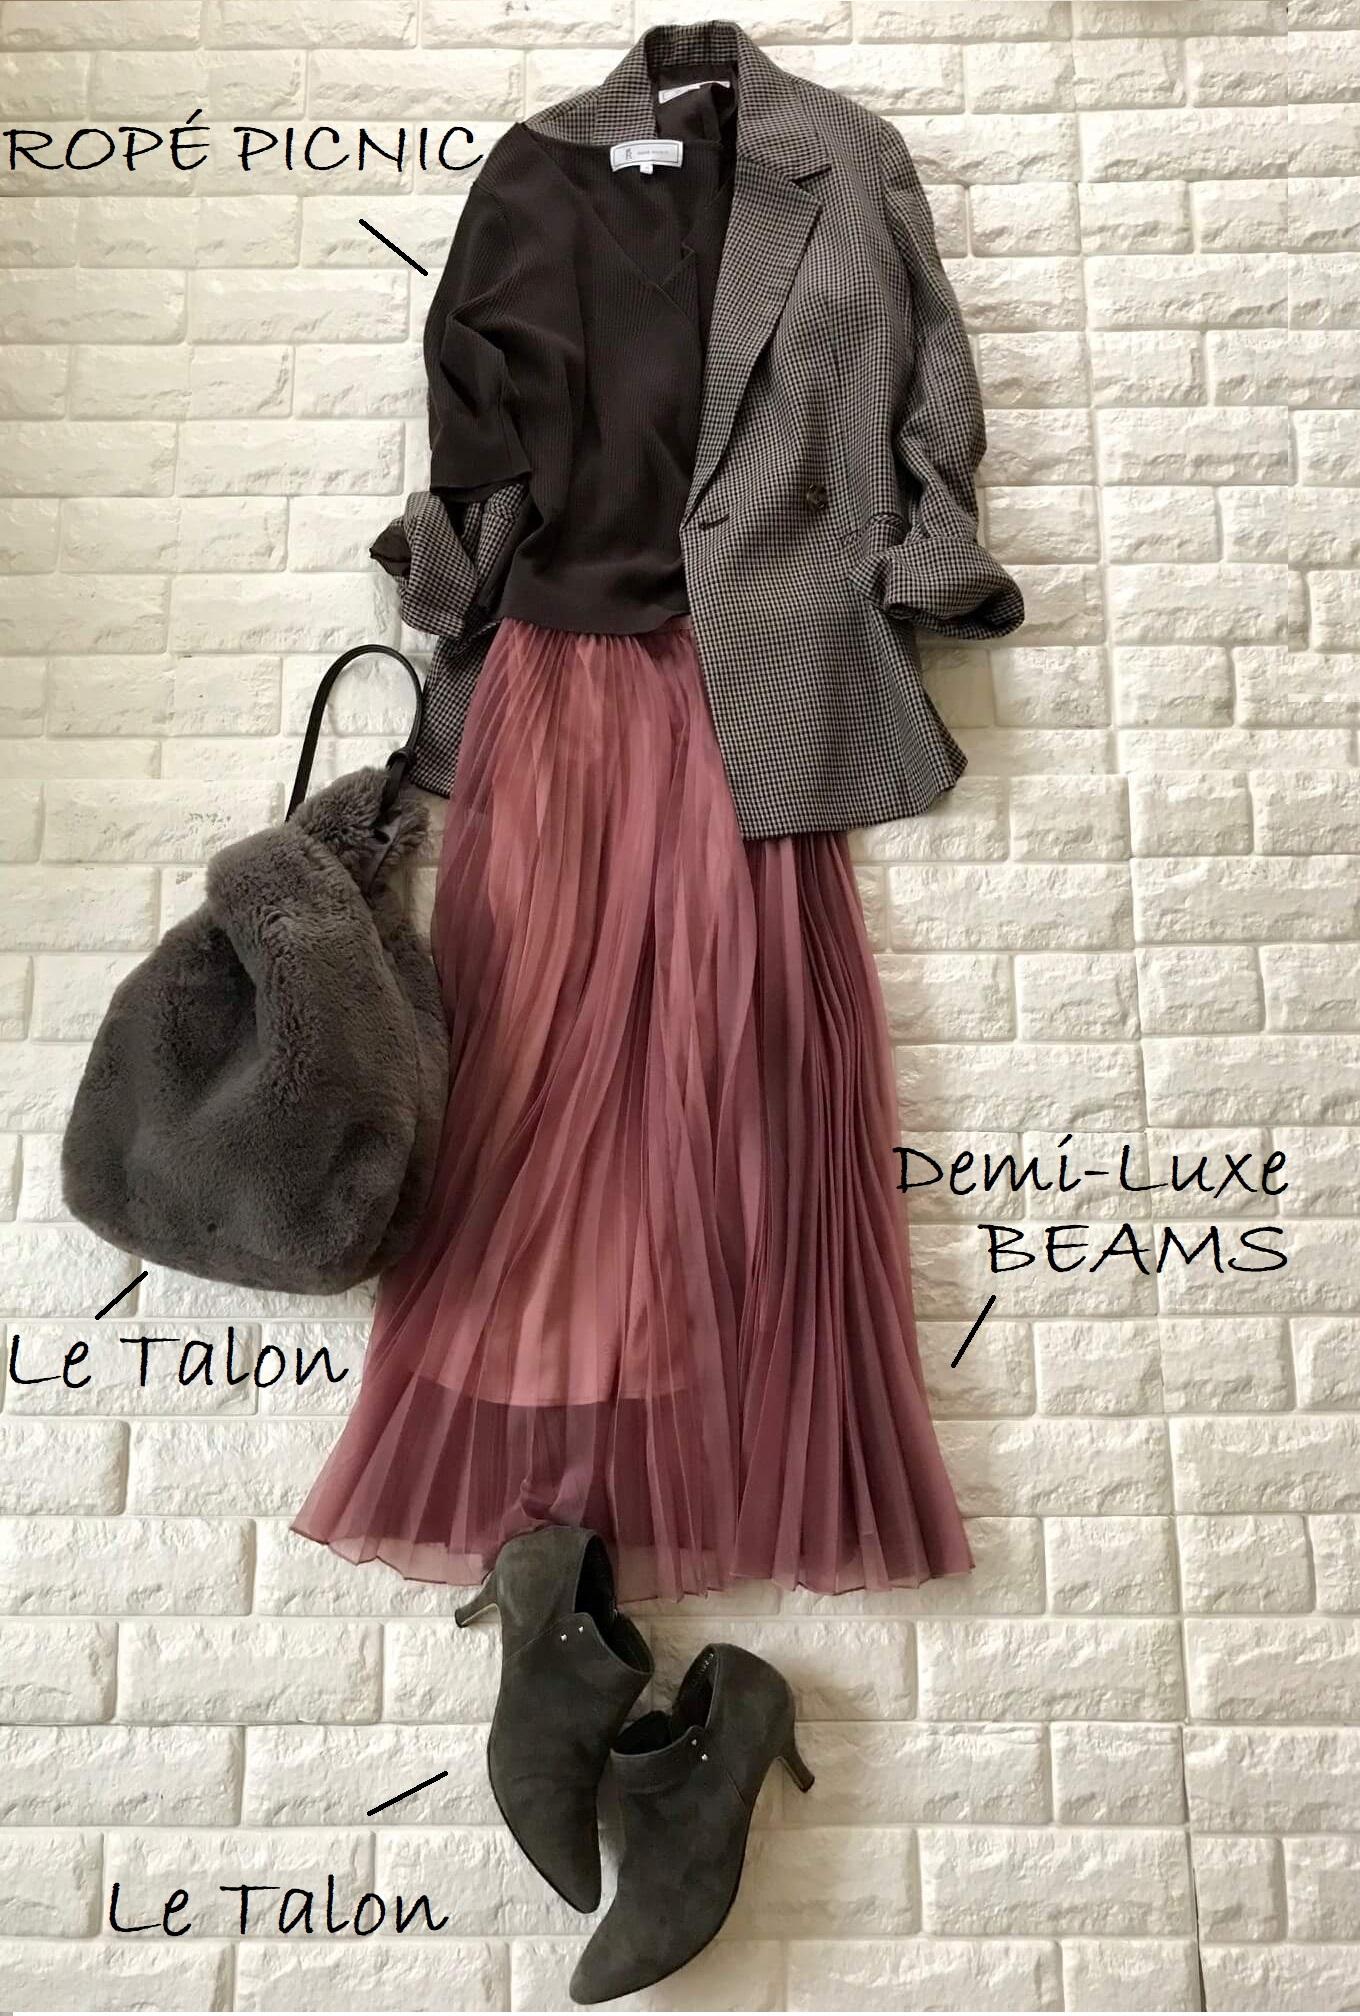 ロペピクニックのジャケットにピンクのスカートを合わせたコーデ